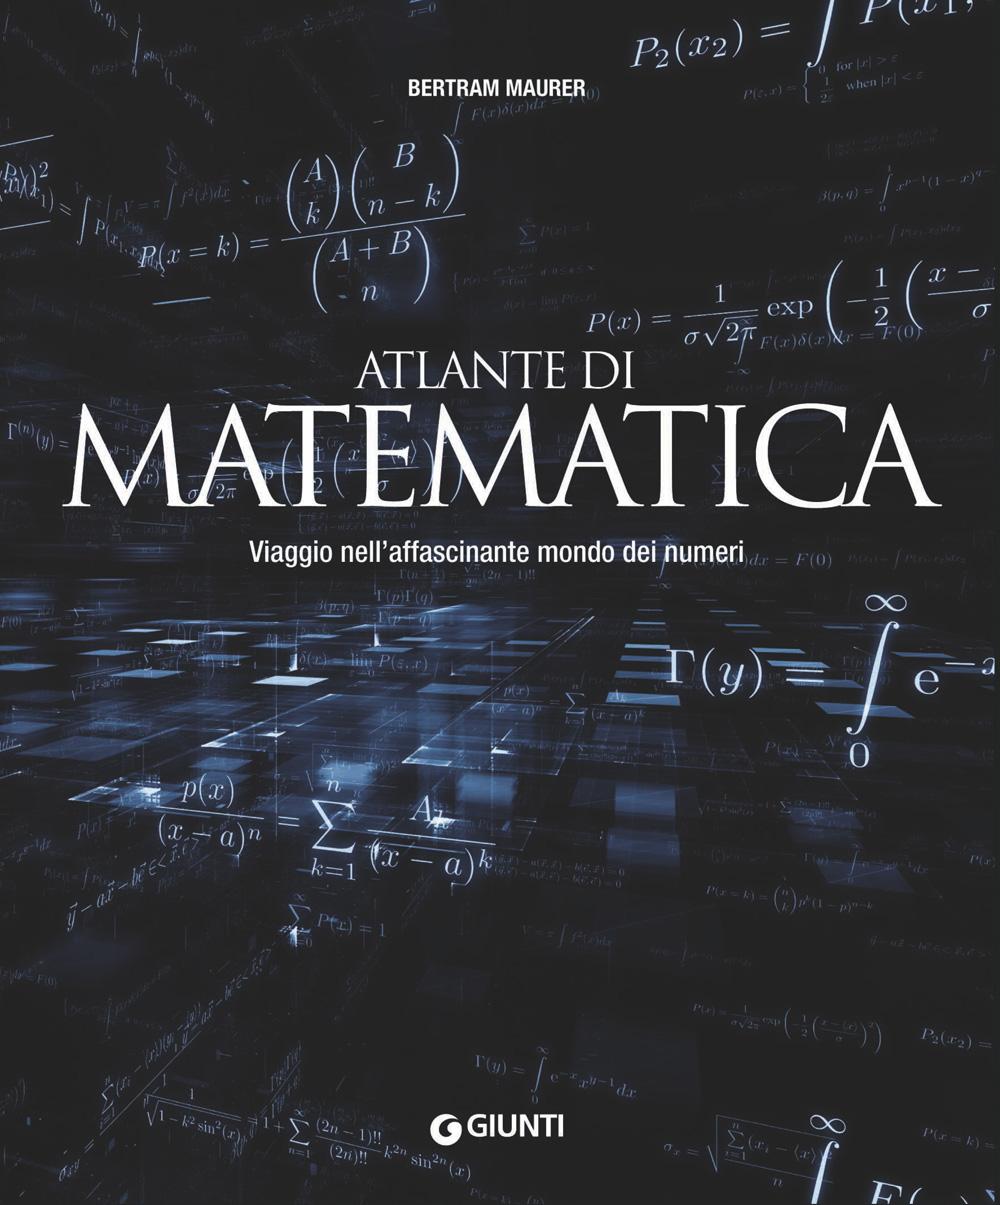 Atlante di matematica